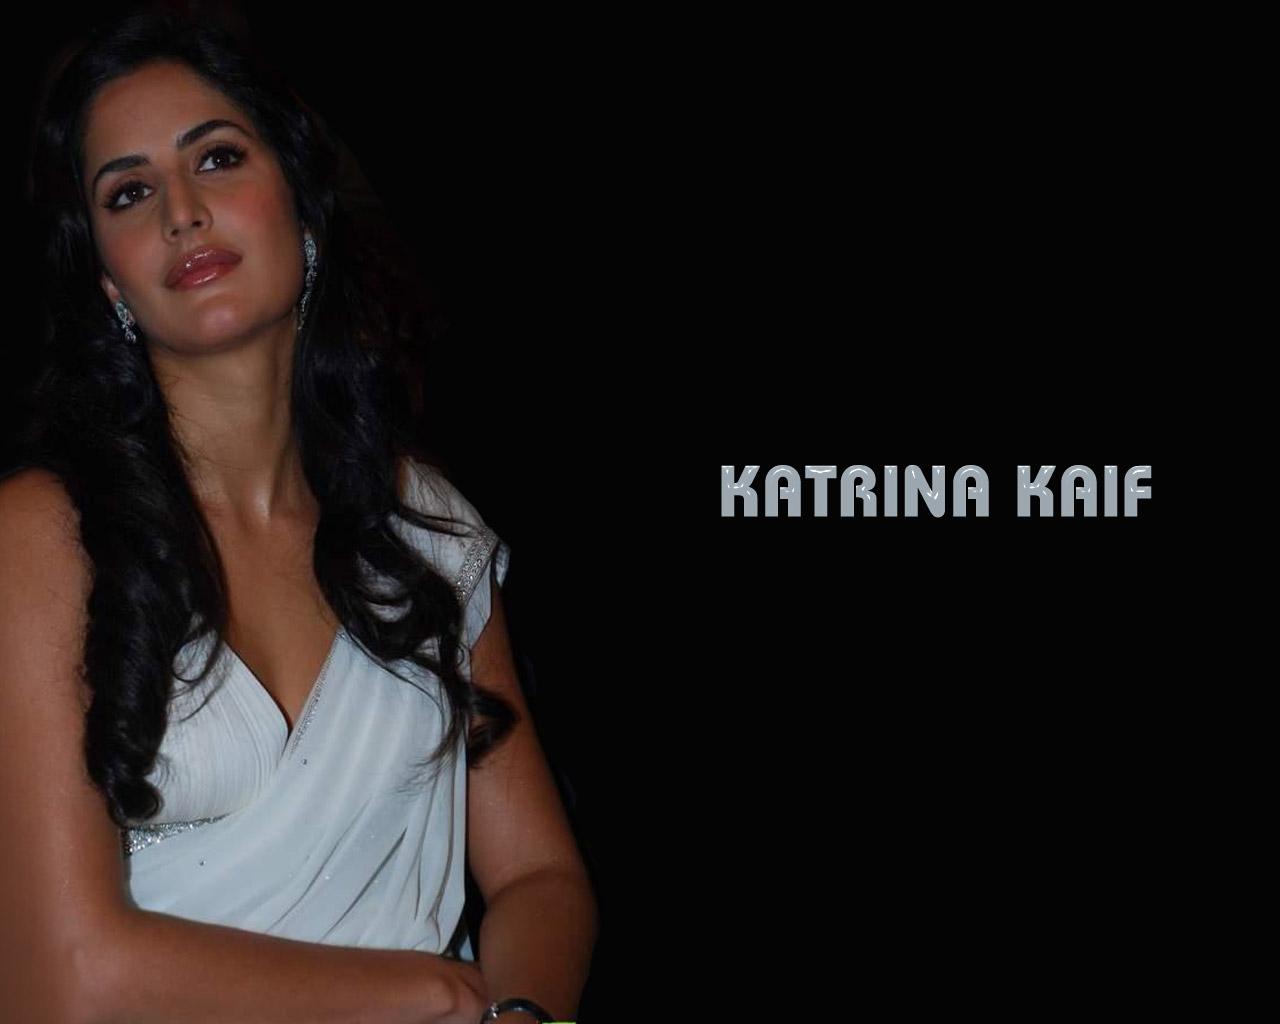 Katrina Kaif Pictures Bollywood Katrina Kaif Pics-1743